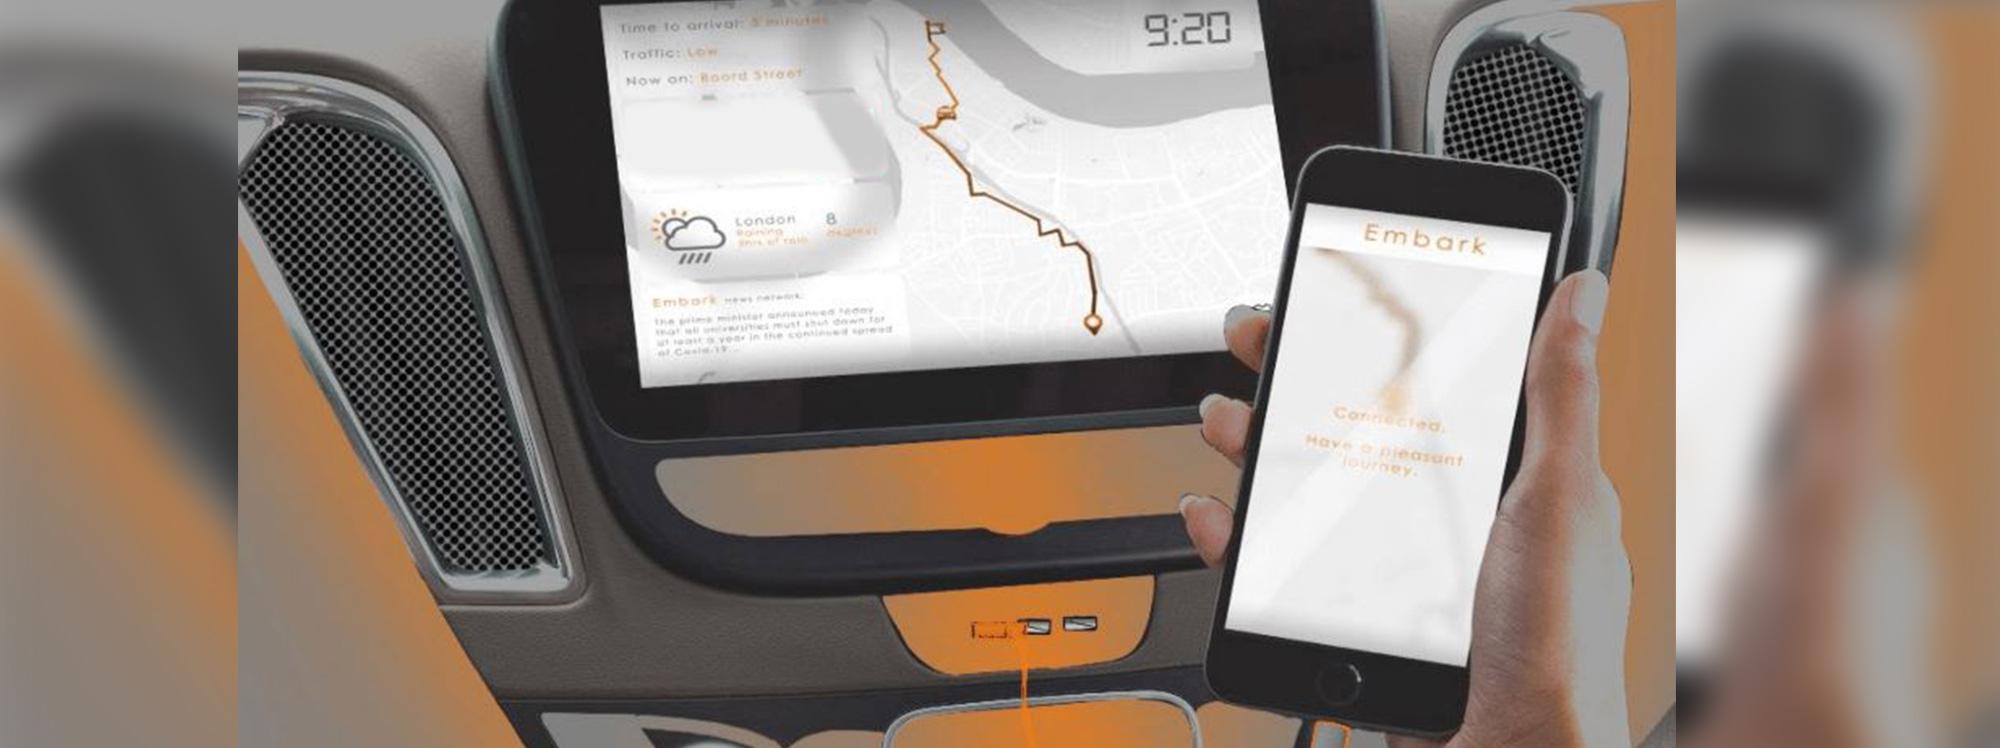 Embark: taxi autónomo para personas con movilidad reducida